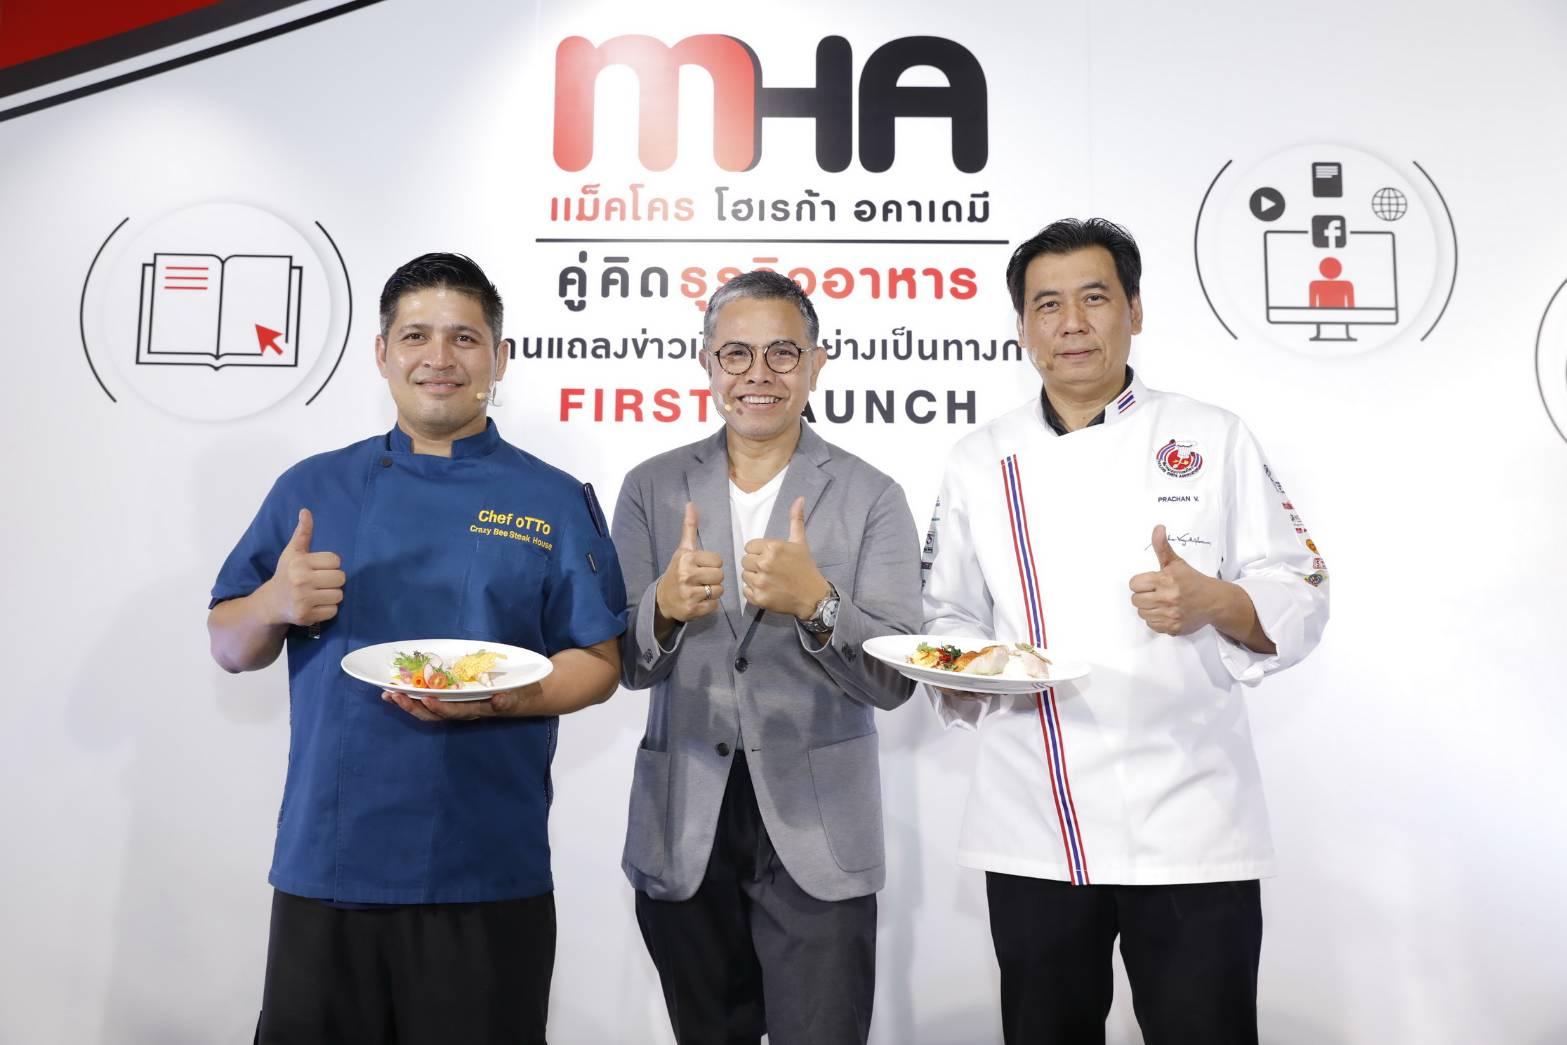 แม็คโครผุดไอเดียช่วยเหลือผู้ประกอบการธุรกิจอาหาร เปิดตัวแม็คโคร โฮเรก้า อคาเดมี (MHA)